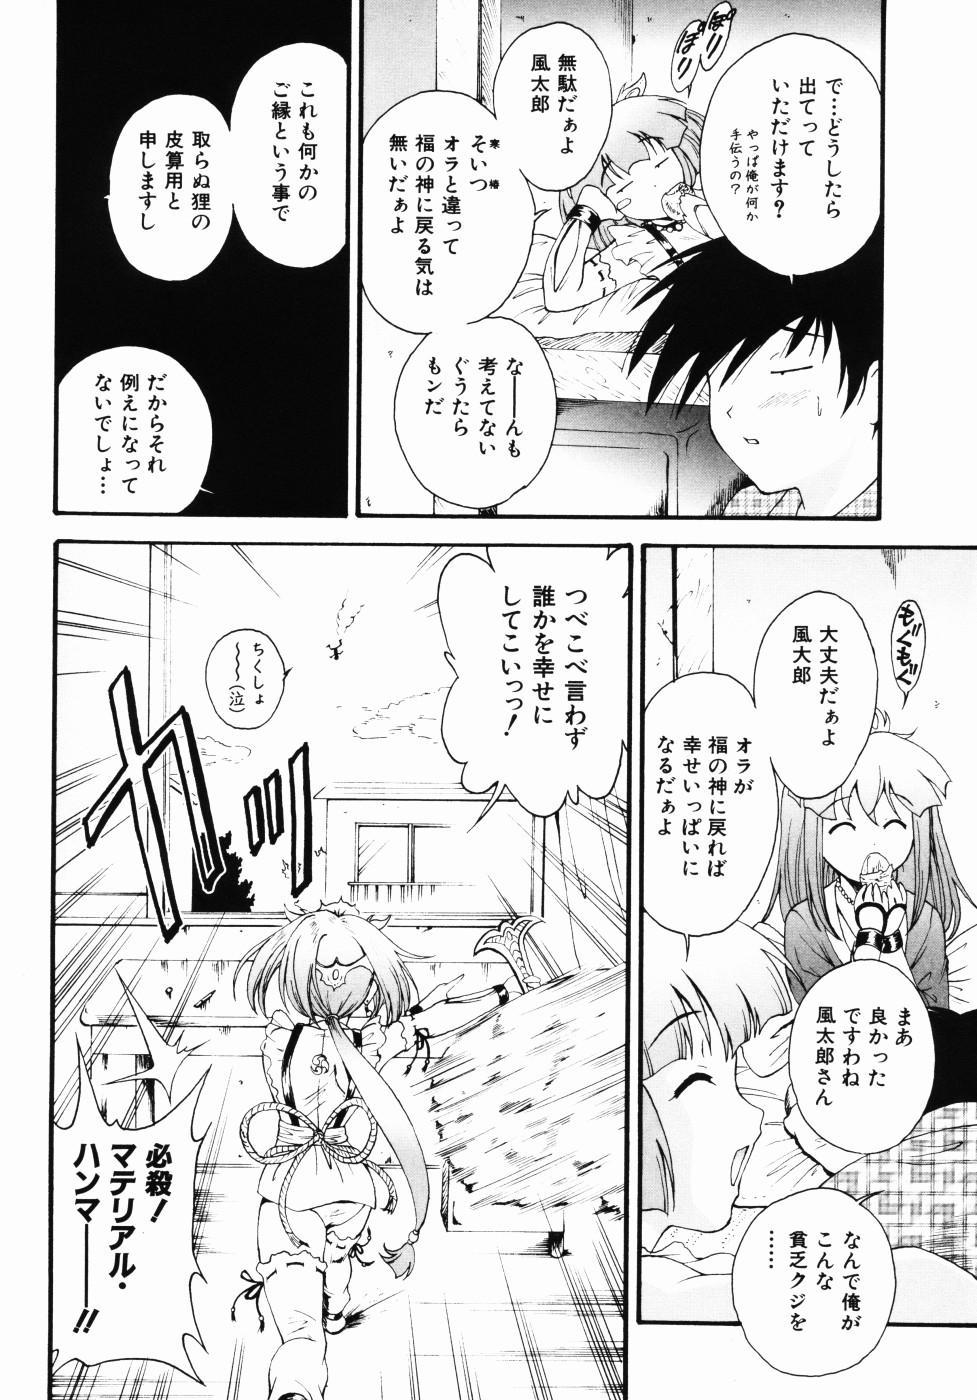 Daikyou Megami 82